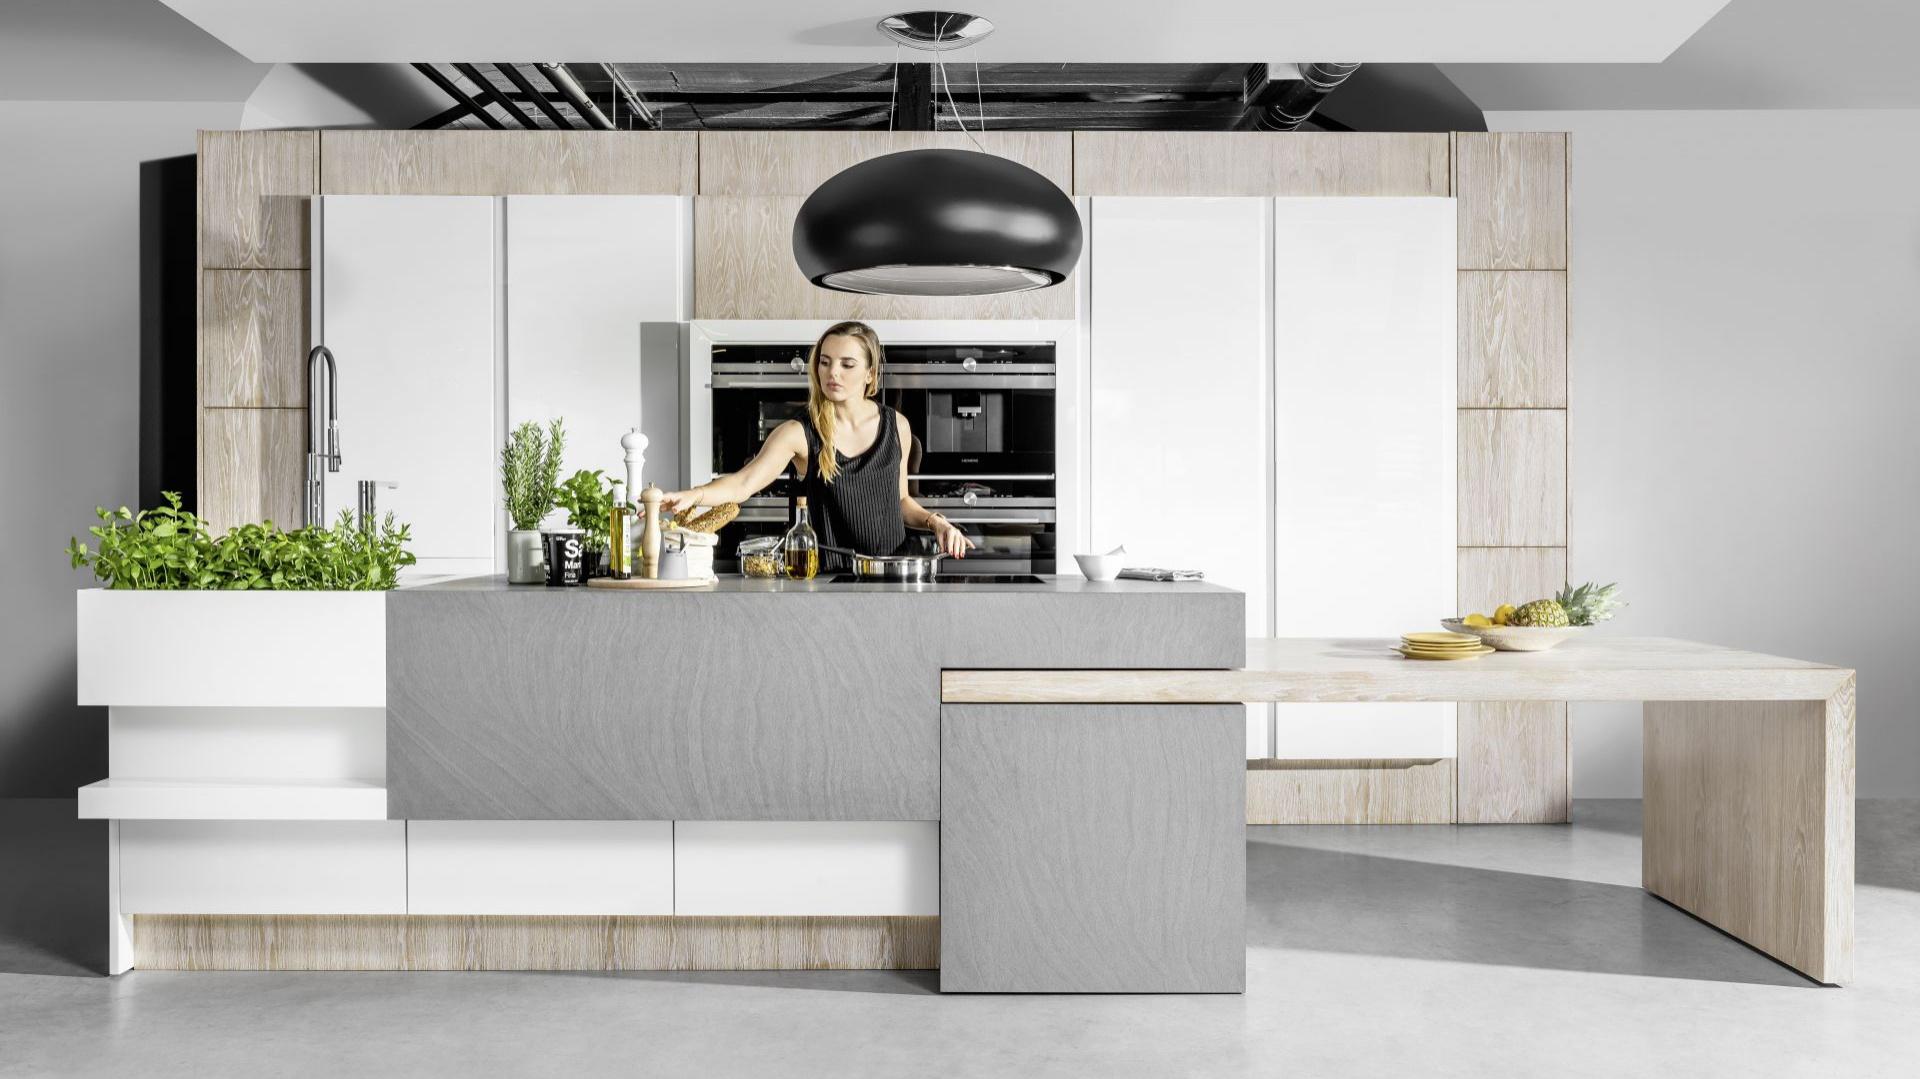 Fot. Halupczok Kuchnie i Wnętrza